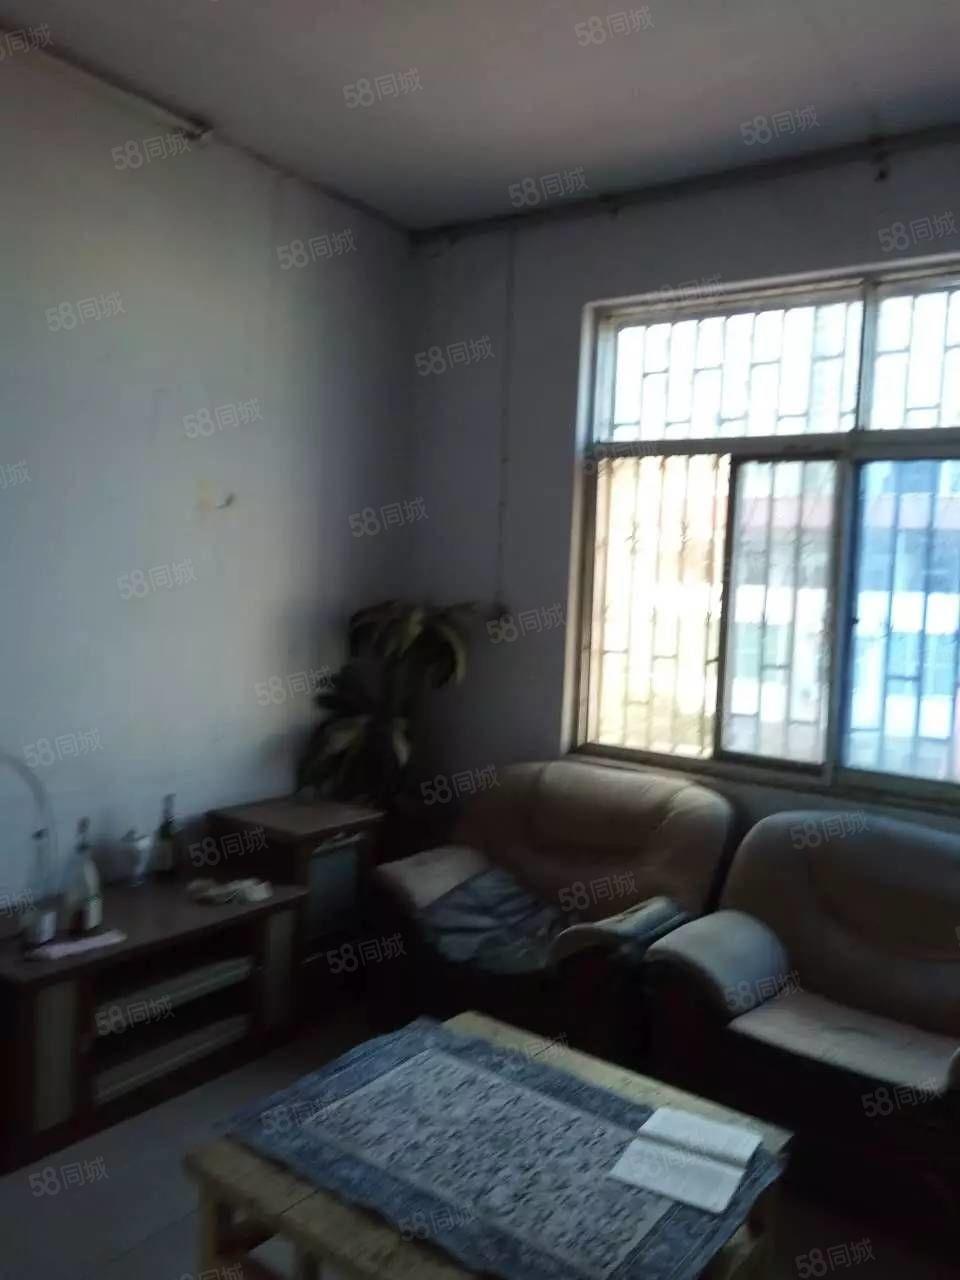 豫安小区附近三楼三室一厅带证可按揭